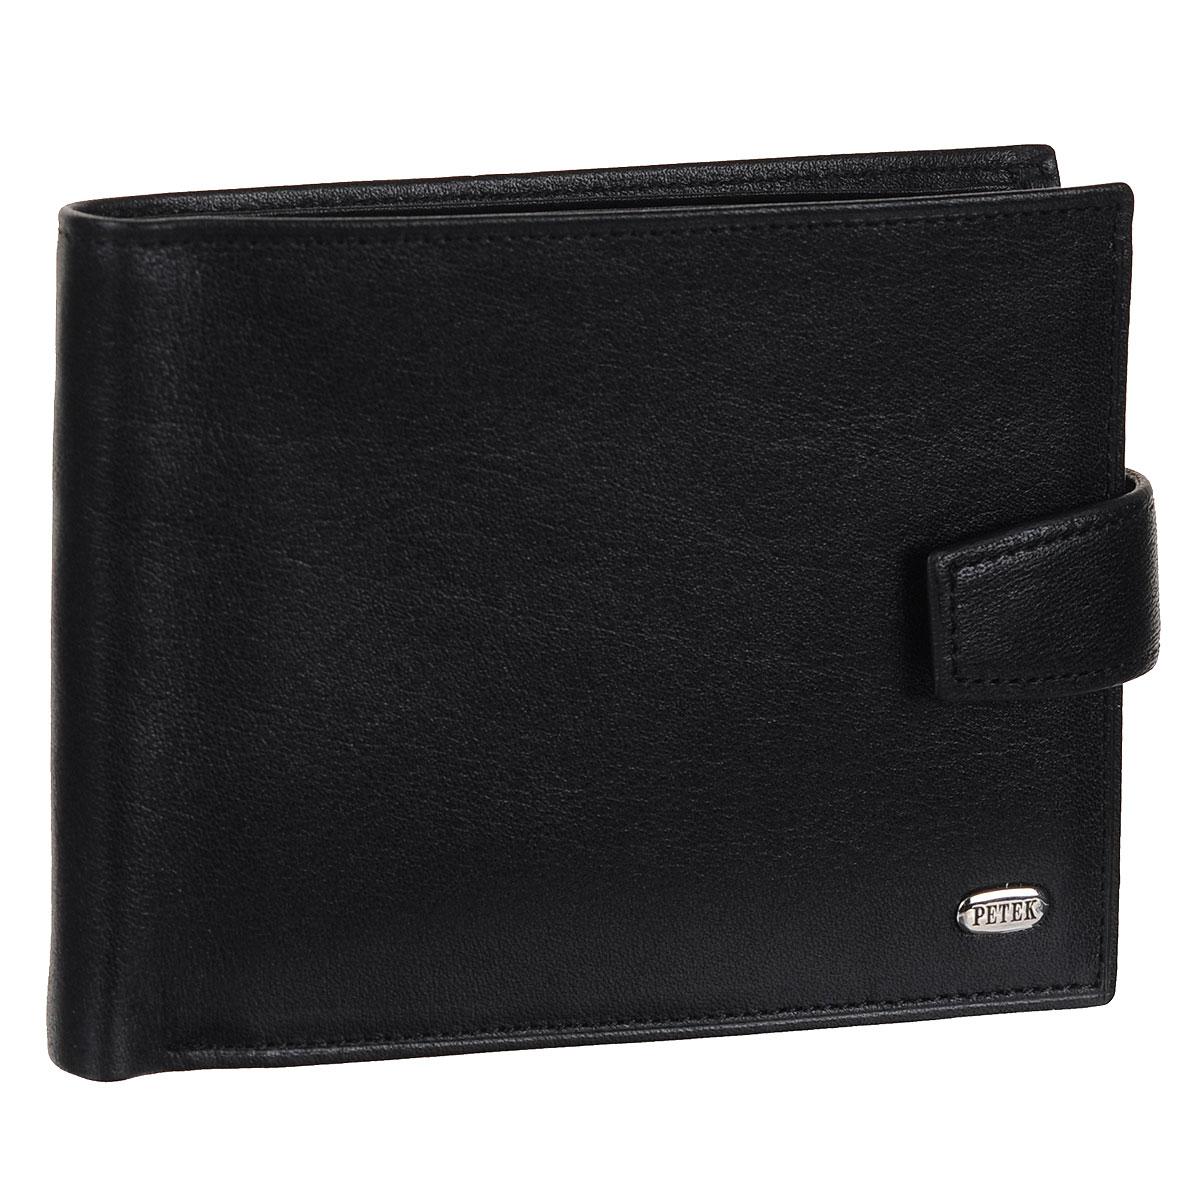 Портмоне мужское Petek, цвет: черный. 102.000.01102.000.01Стильное мужское портмоне Petek изготовлено из натуральной кожи. Закрывается хлястиком на застежку-кнопку. Внутри содержится два отделения для купюр, три кармана для пластиковых карт и визиток, 2 потайных кармашка для мелких бумаг, а также объемное отделение для мелочи, закрывающееся клапаном на кнопке. Внутри портмоне отделано атласным полиэстером с узором. На внутренней стороне изделие оформлено тиснением в виде названия бренда, на лицевой стороне - небольшой металлической пластиной с гравировкой Petek. Стильное портмоне отлично дополнит ваш образ и станет незаменимым аксессуаром на каждый день.